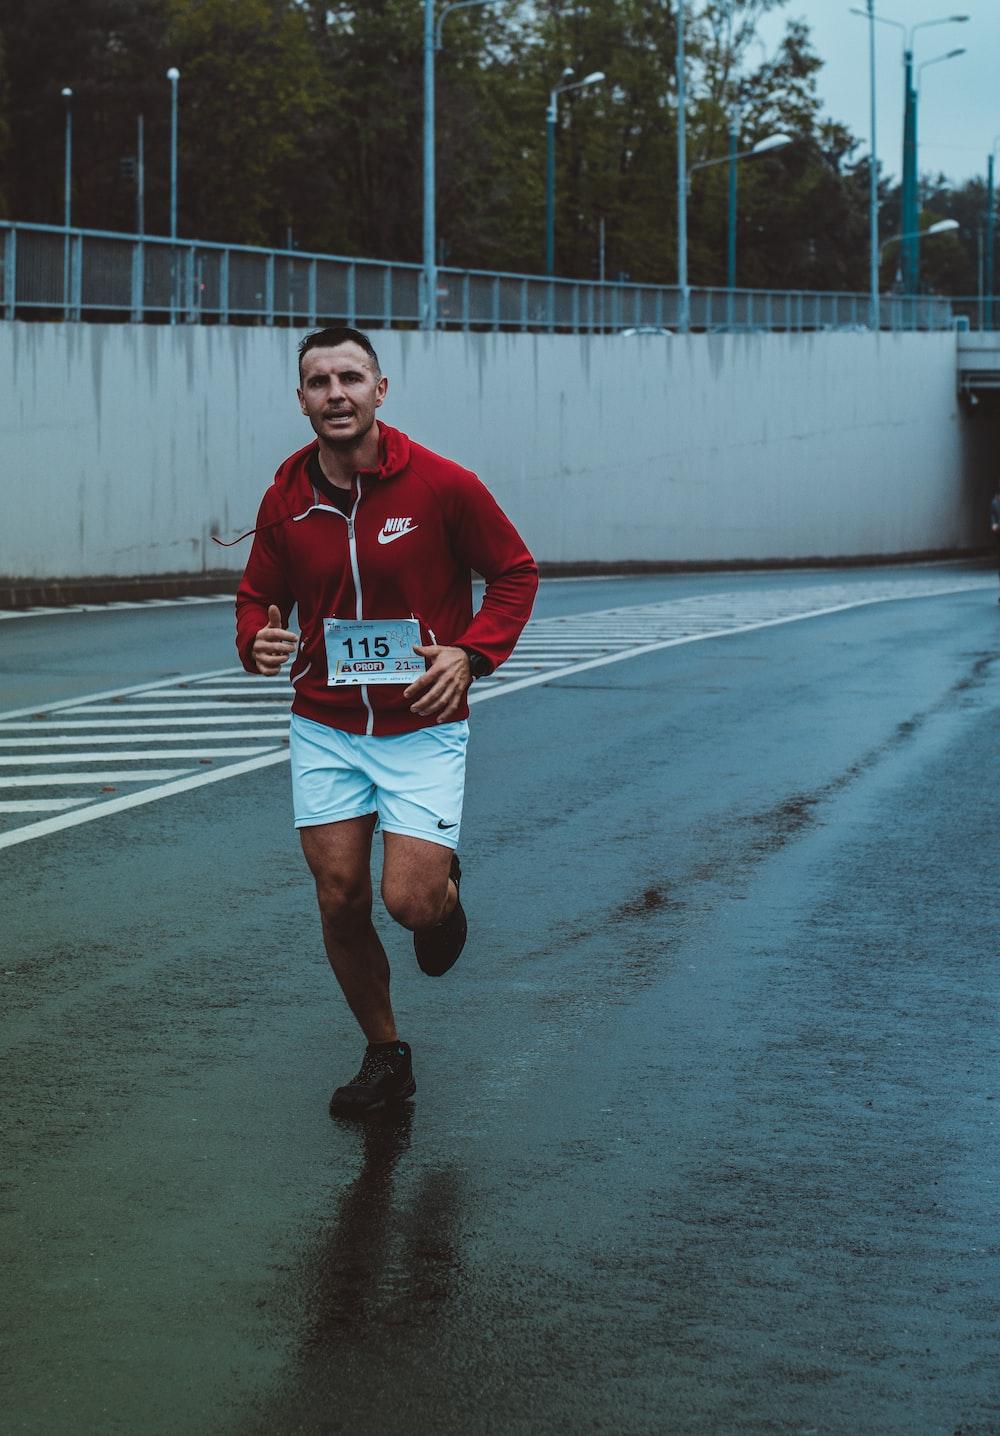 man running during daytime